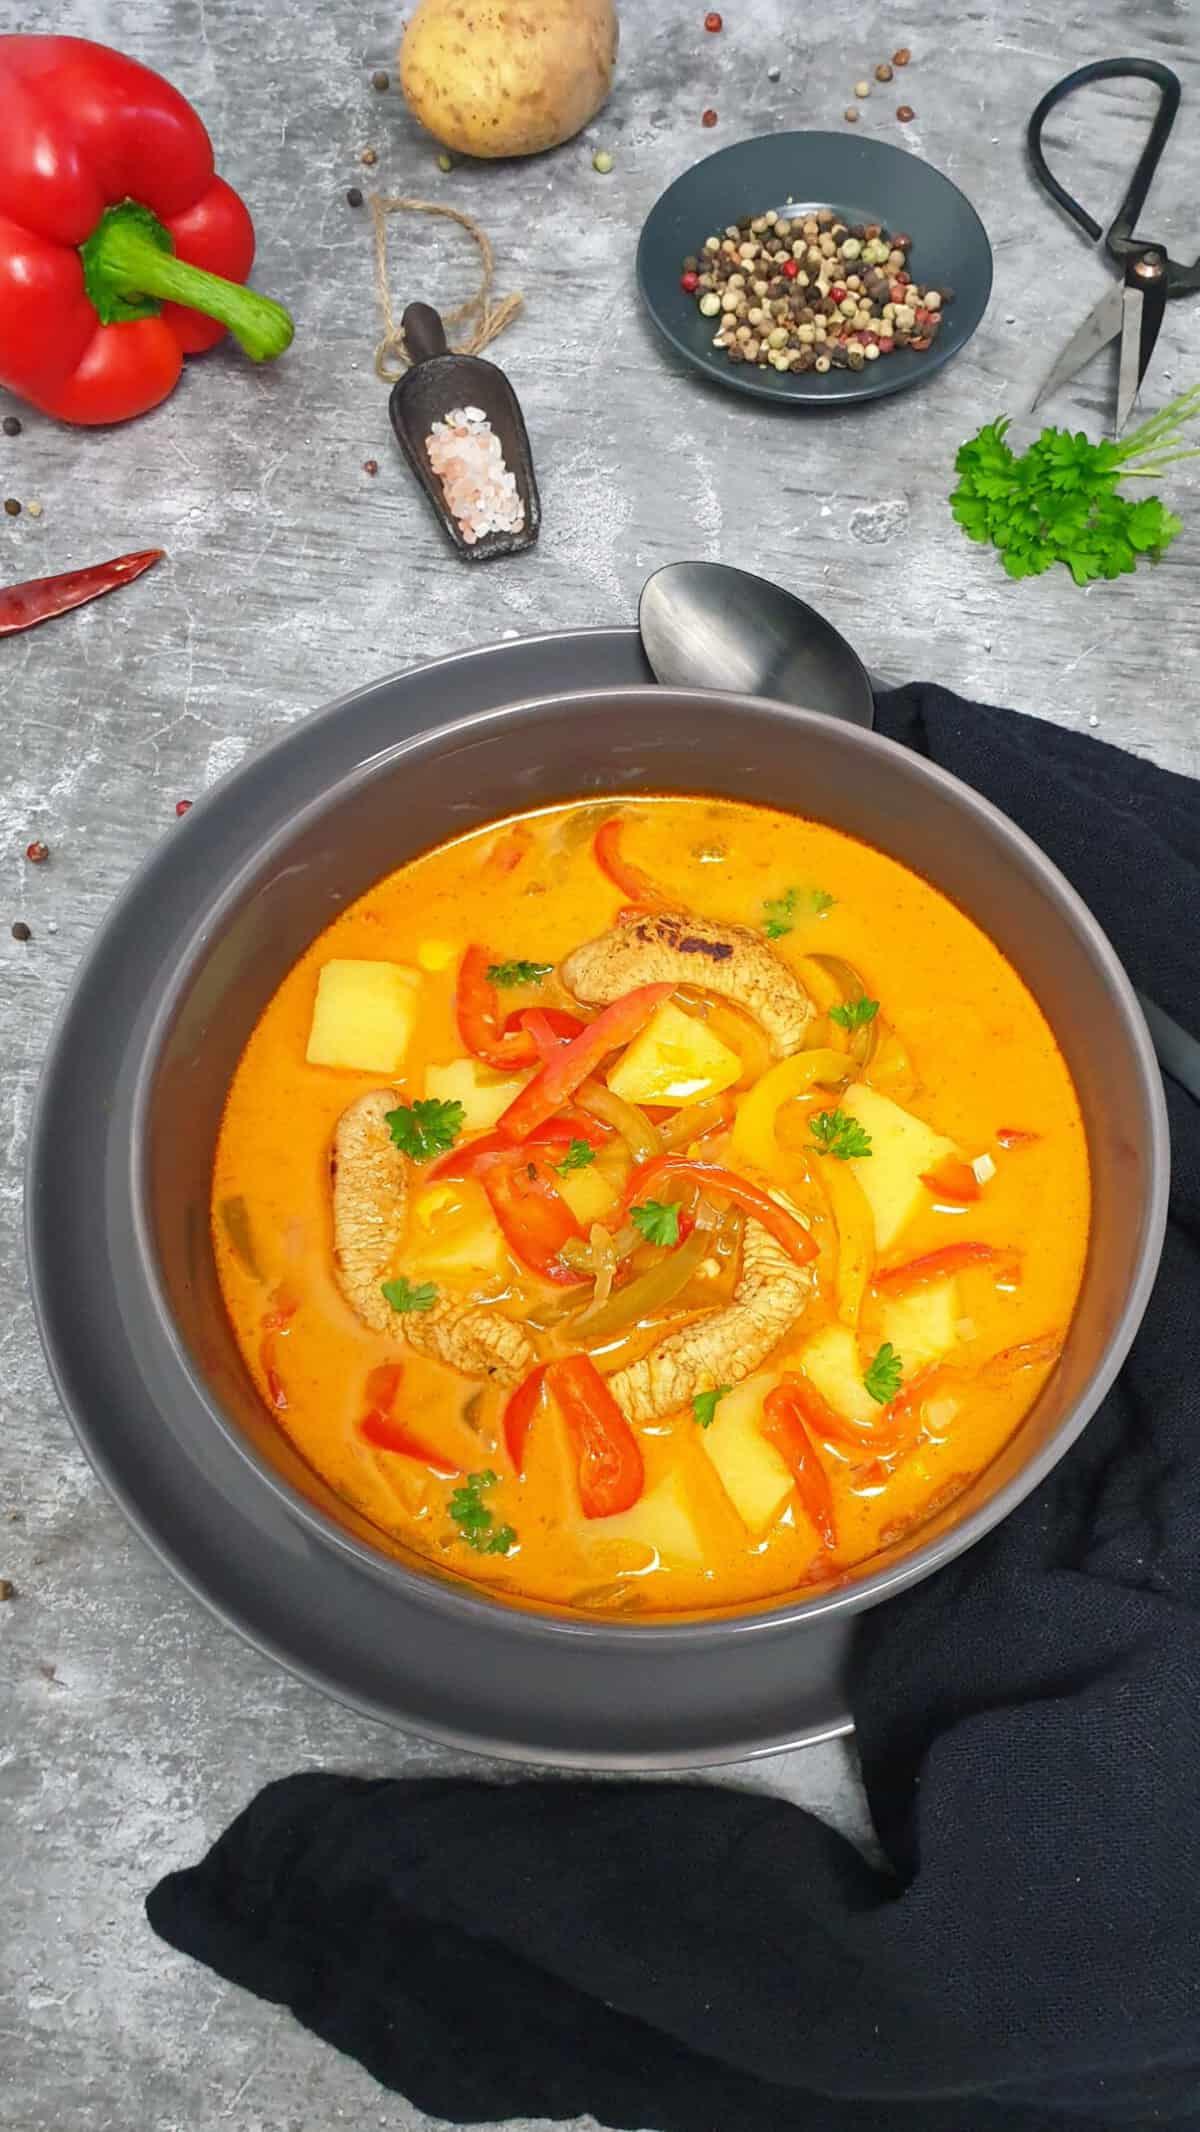 In einer grauen Schale eine Suppe mit Gyros-Fleisch, Paprika und Kartoffeln. Im Hintergrund Deko.